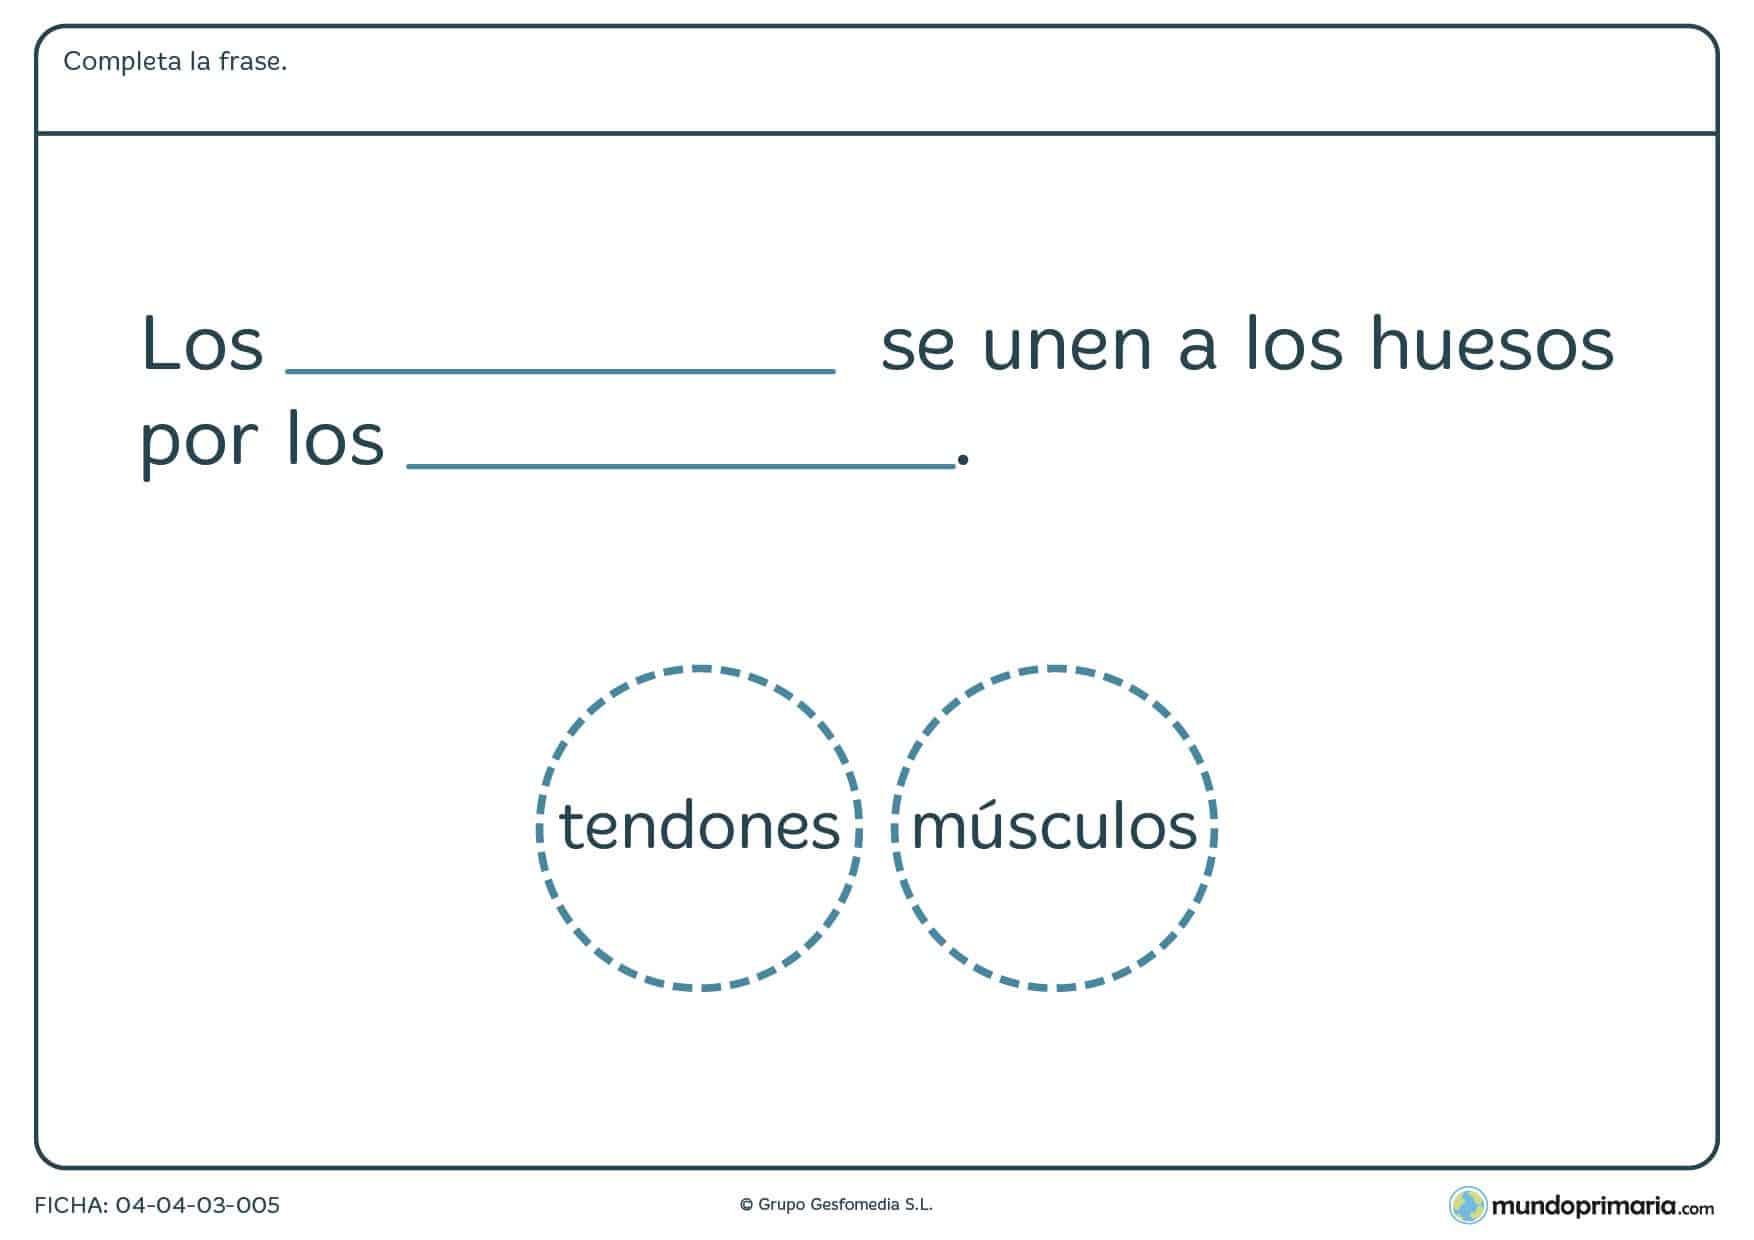 Ficha de los tendones en el que hay que completar la frase con la palabra correcta proporcionada en el ejercicio.